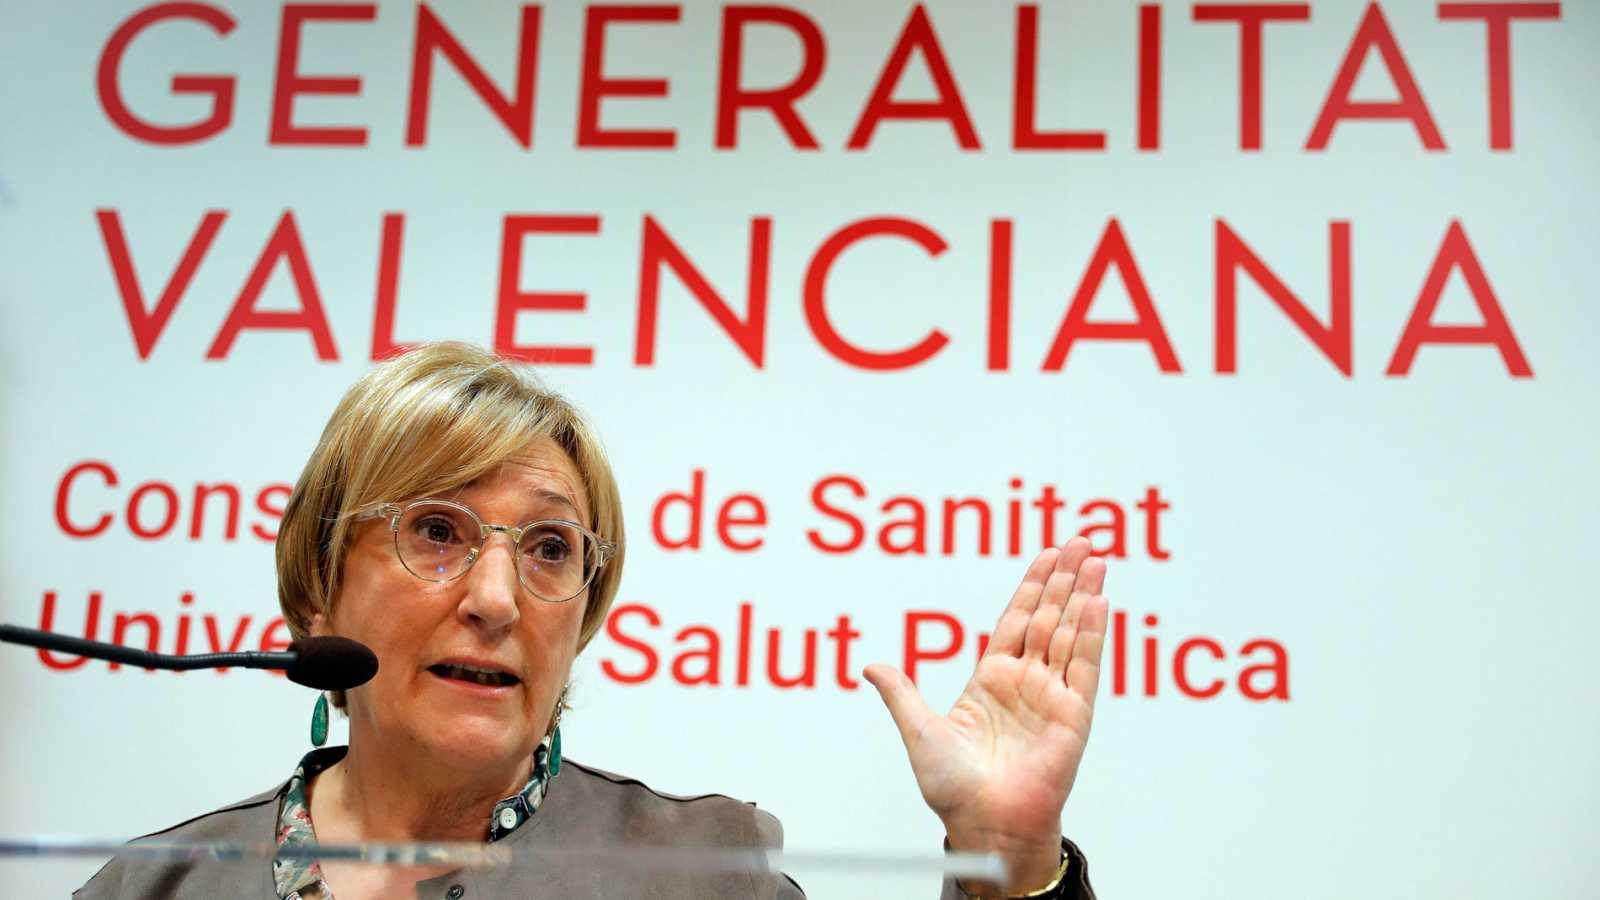 La Comunidad Valenciana investiga dos posibles casos de personas fallecidas con coronavirus